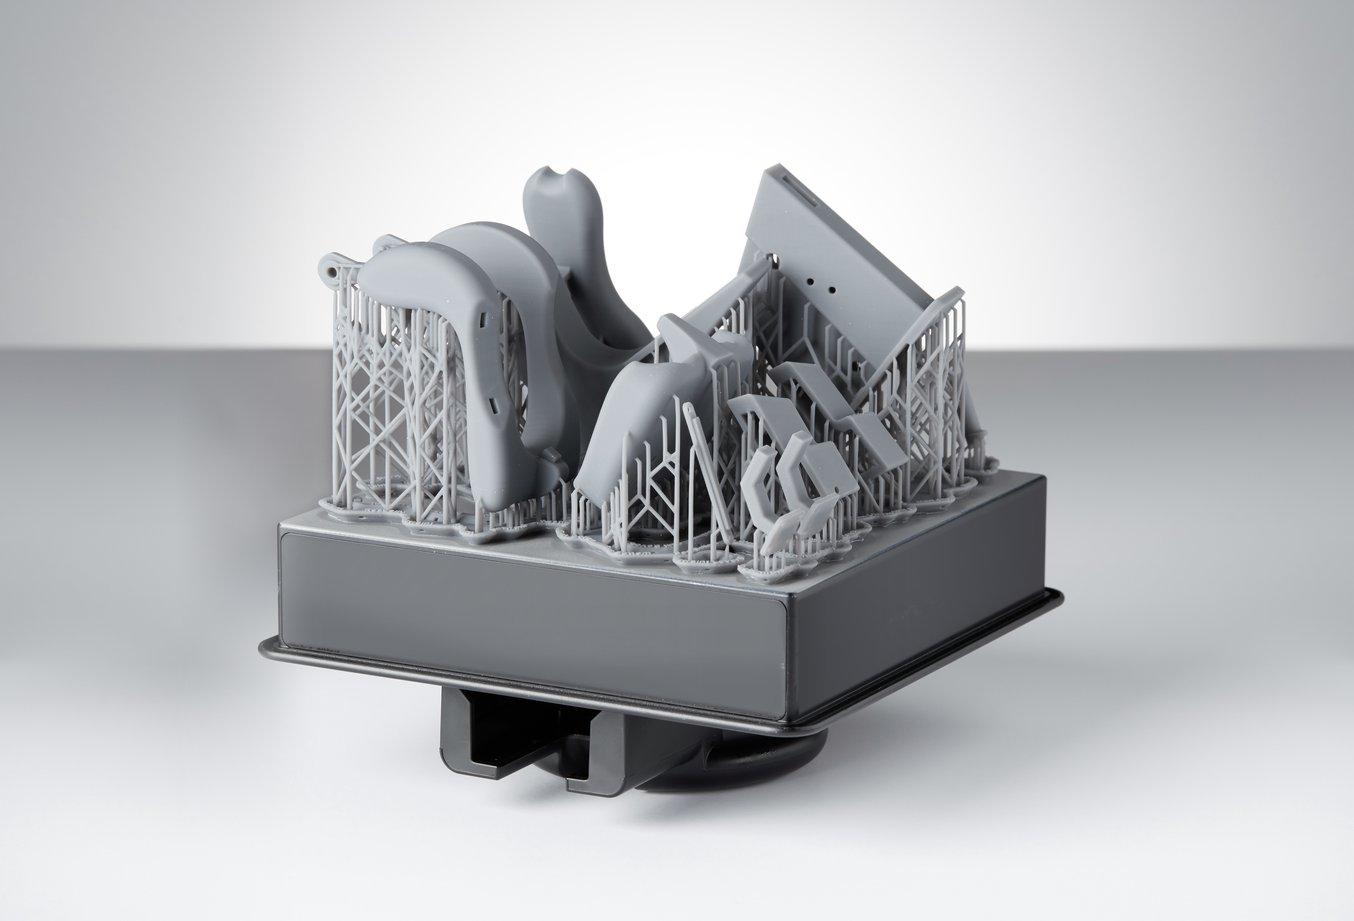 Piccole parti usate nei modelli dei treni.